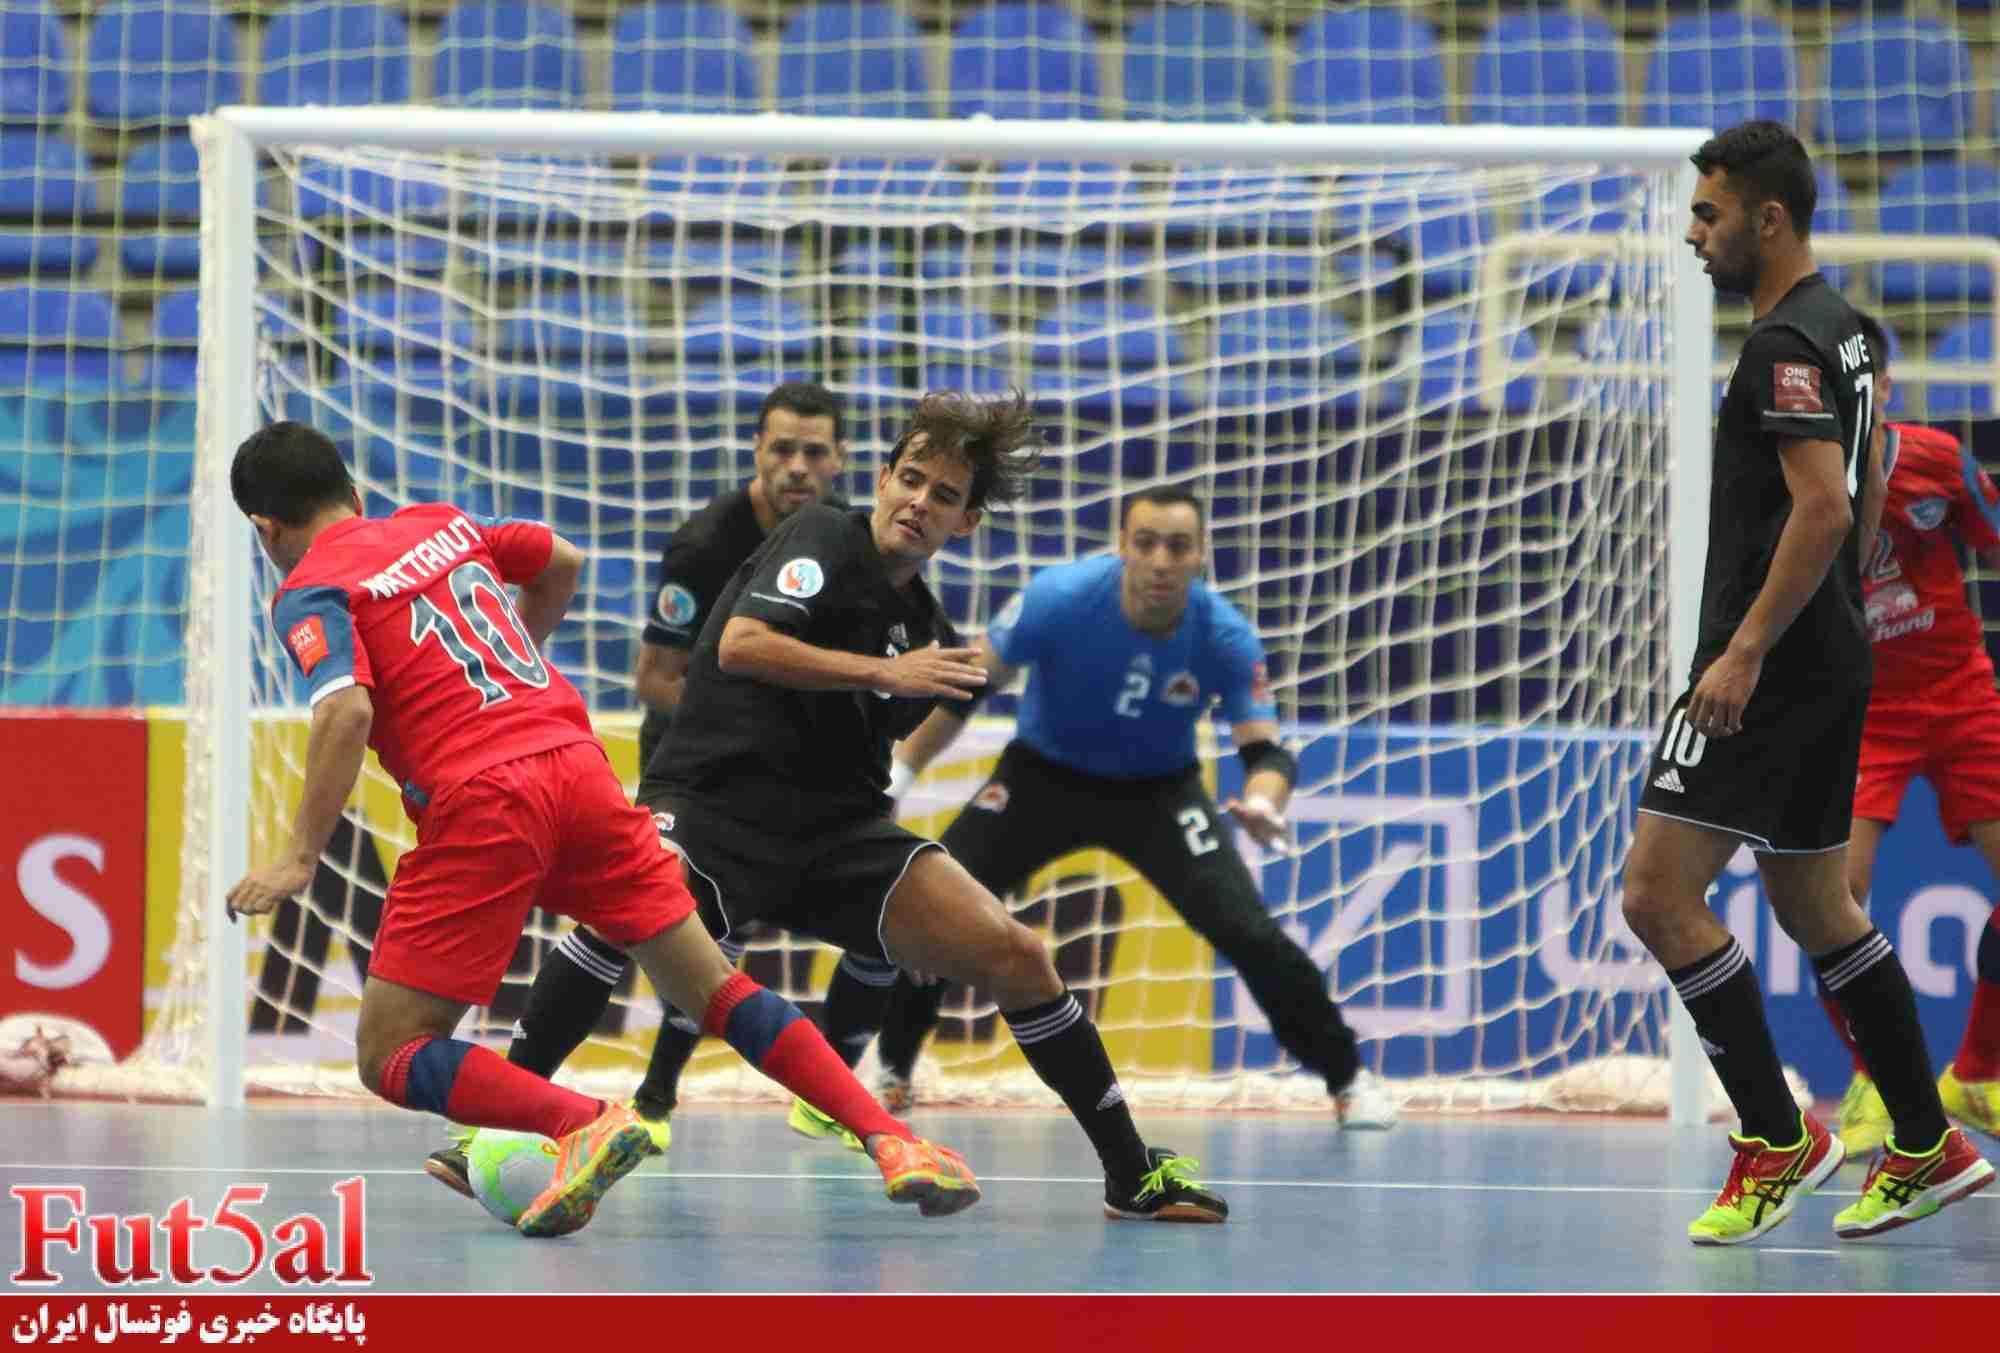 اولین شگفتی جام با درخشش سپهر محمدی رقم خورد/دروازه بان ایرانی،چونبوری را حذف کرد